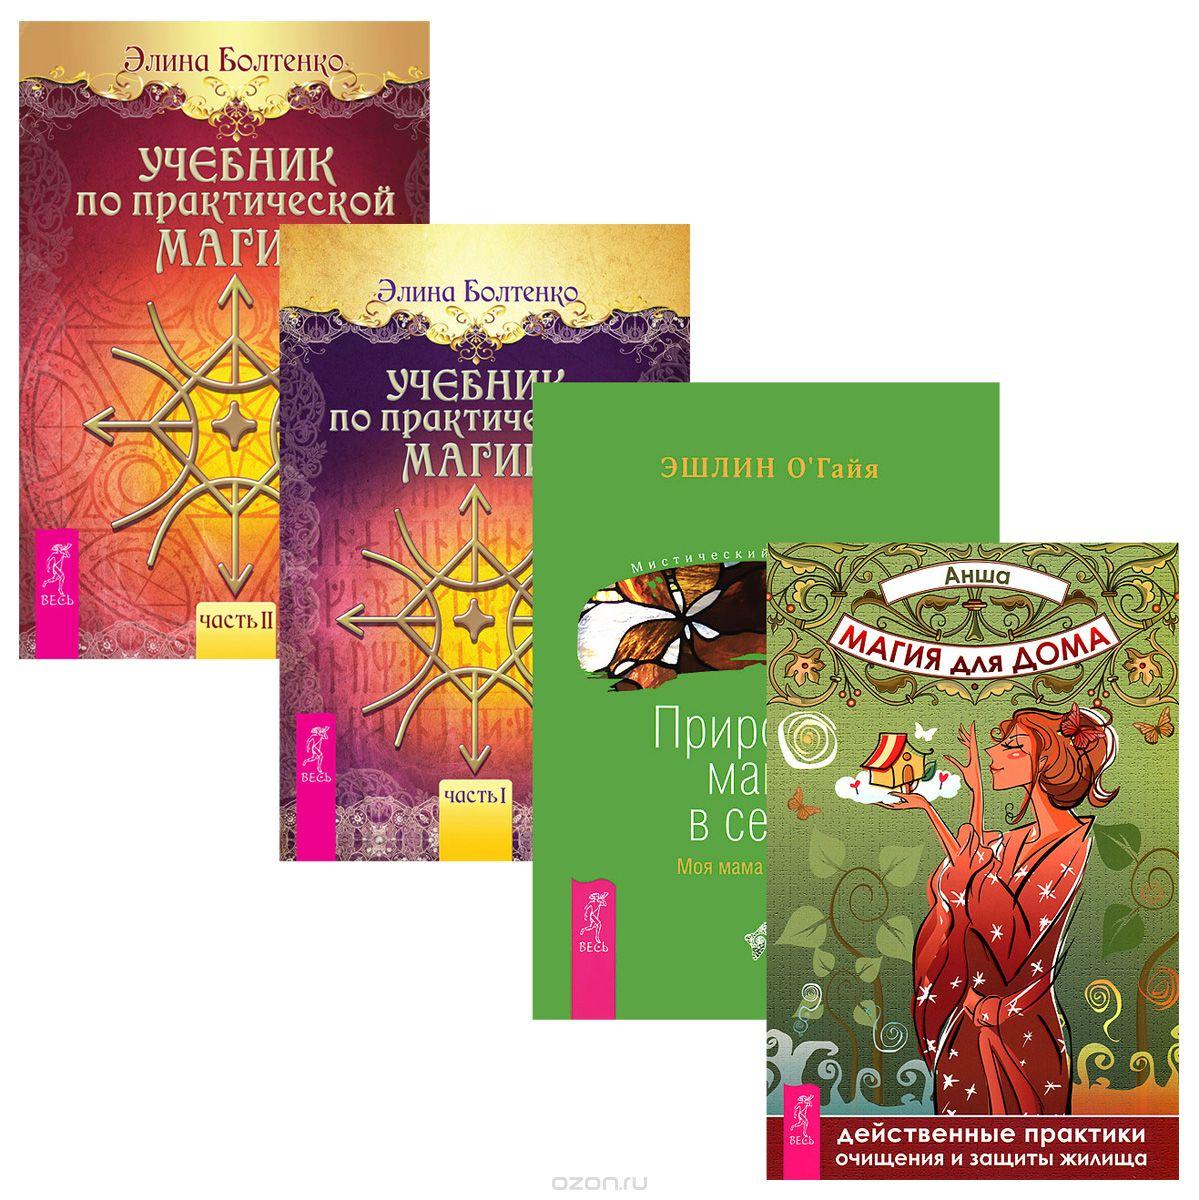 Эшлин О'Гайя: Природная магия в семье. Моя мама - ведьма. Учебник по практической магии. Часть 1. Учебник по практической магии. Часть 2. Магия для дома. Действенные практики очищения и защиты жилища (комплект из 4 книг)